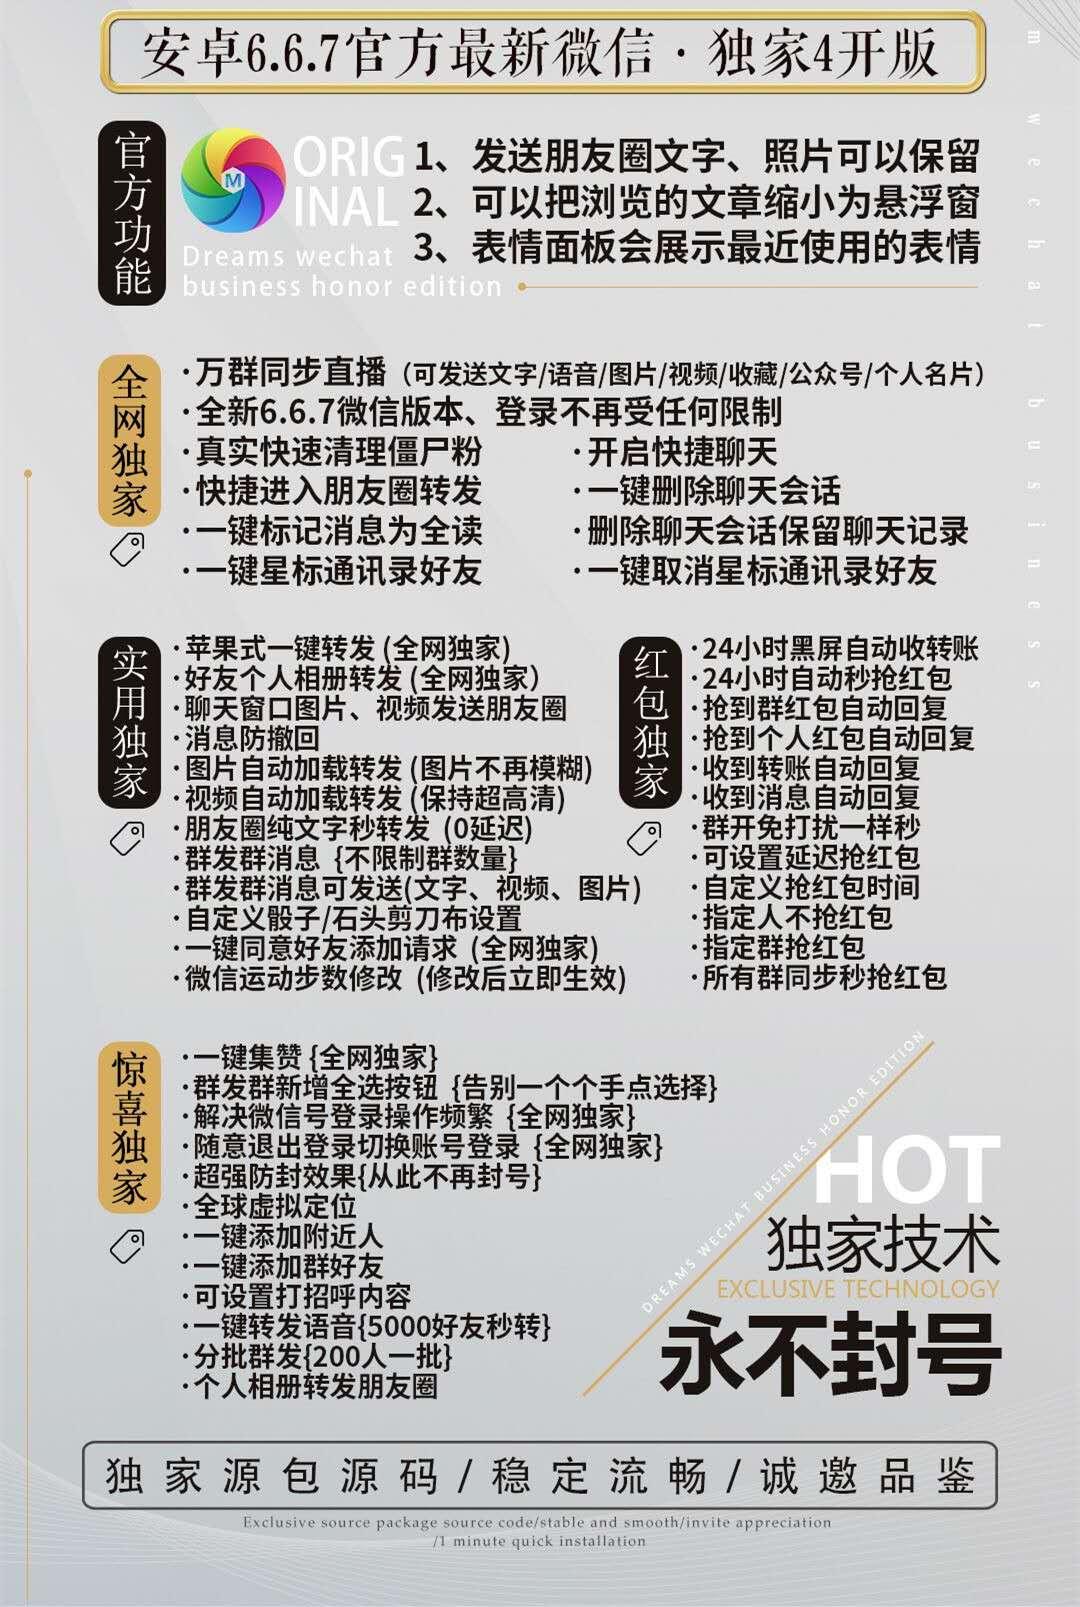 安卓梦想微商荣耀版2.0/3.0/4.0微信苹果式一键转发运动步数修改快捷聊天